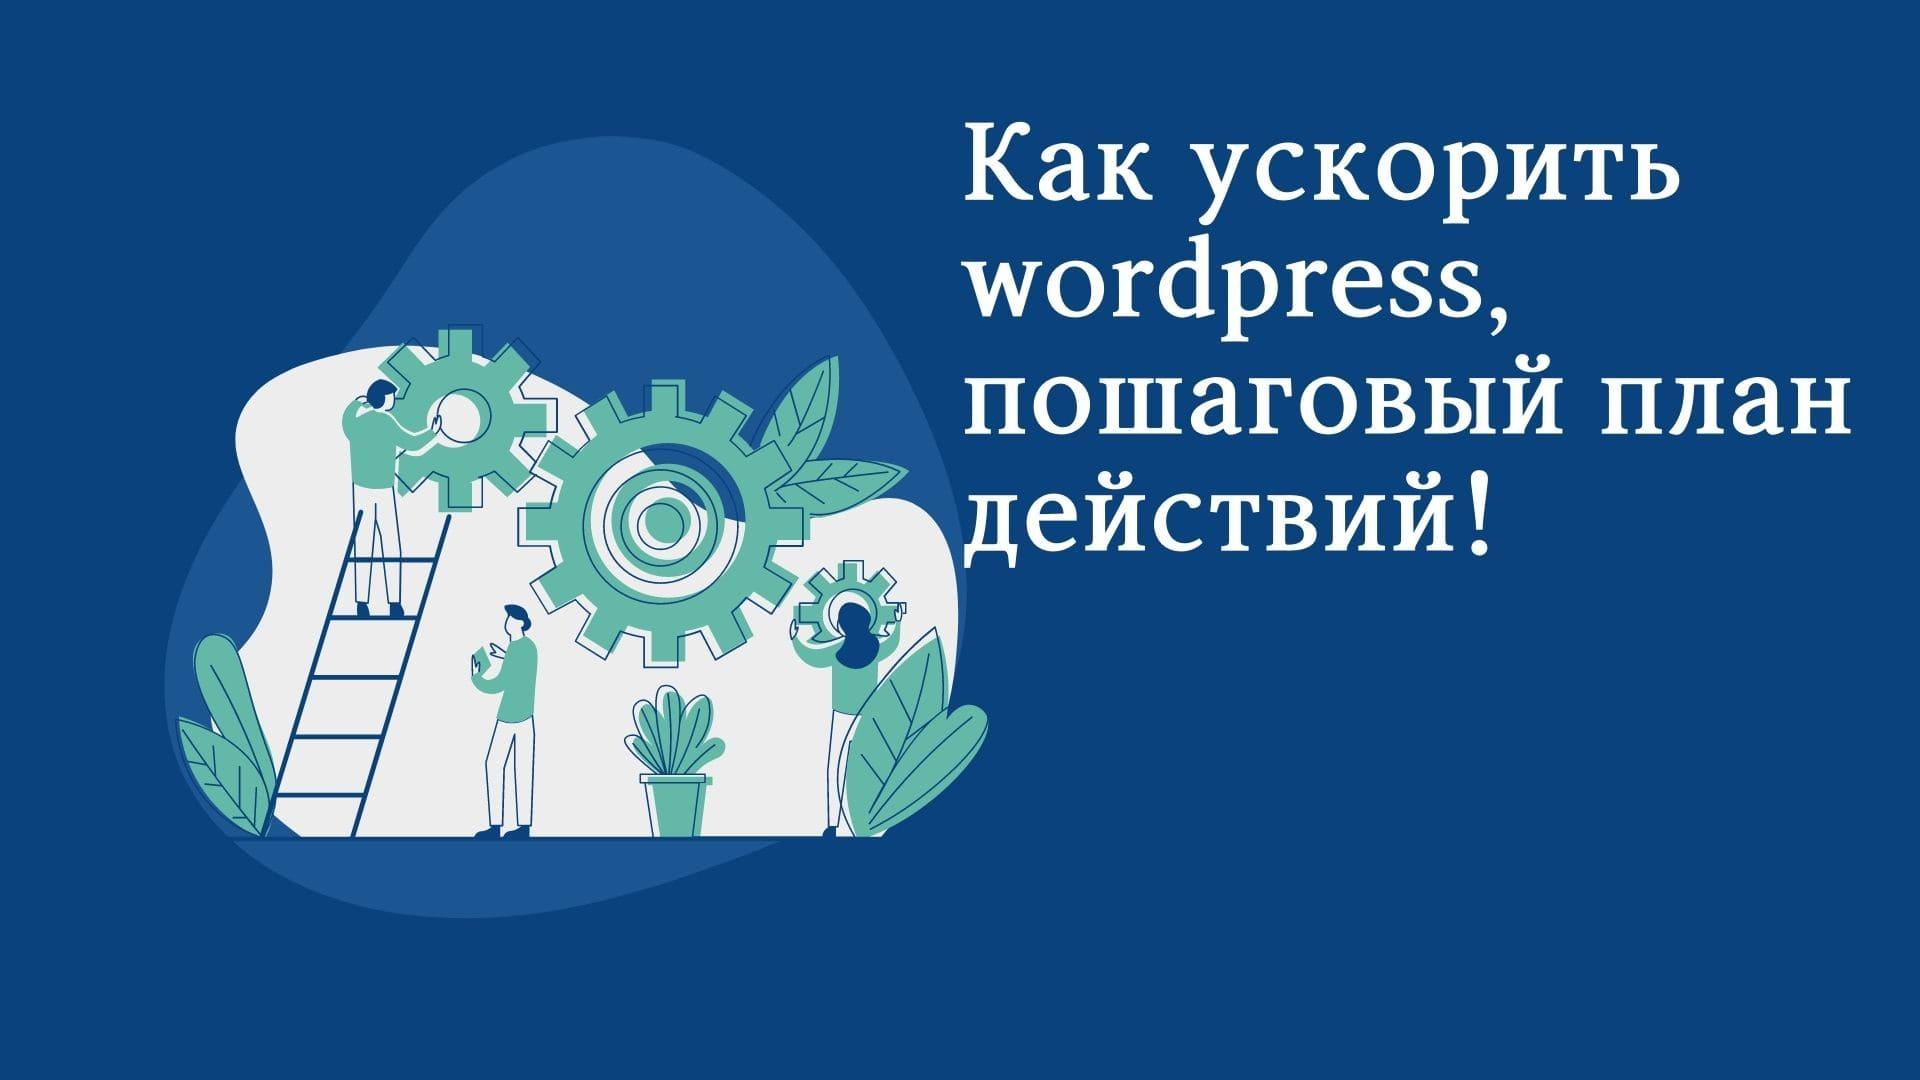 Как ускорить wordpress, пошаговый план действий!